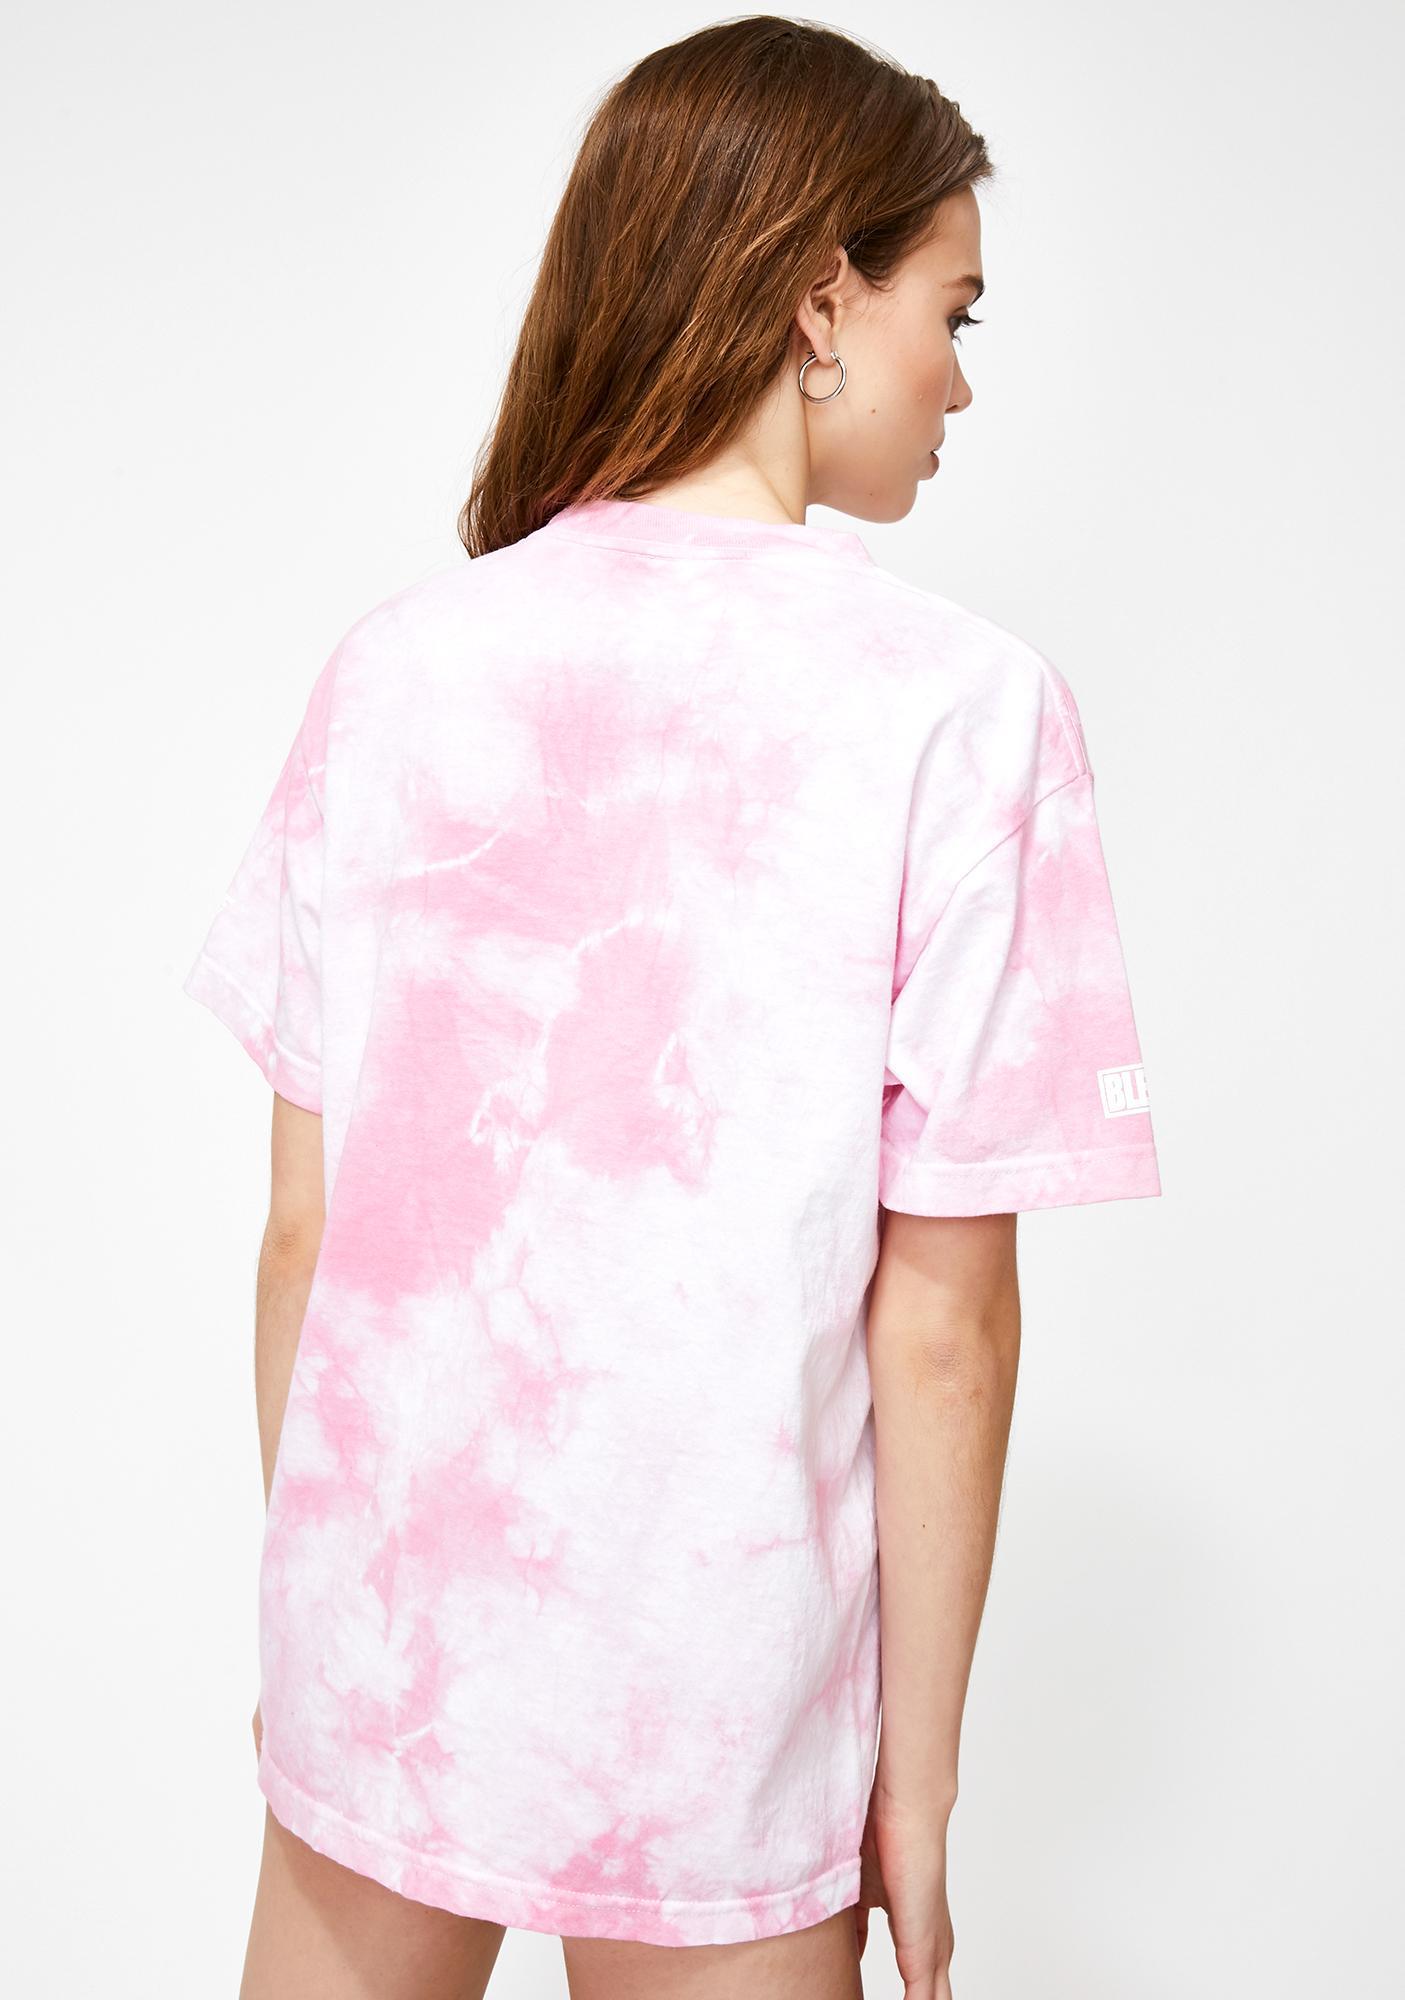 HYPLAND X Bleach Nel Tie Dye Graphic Tee